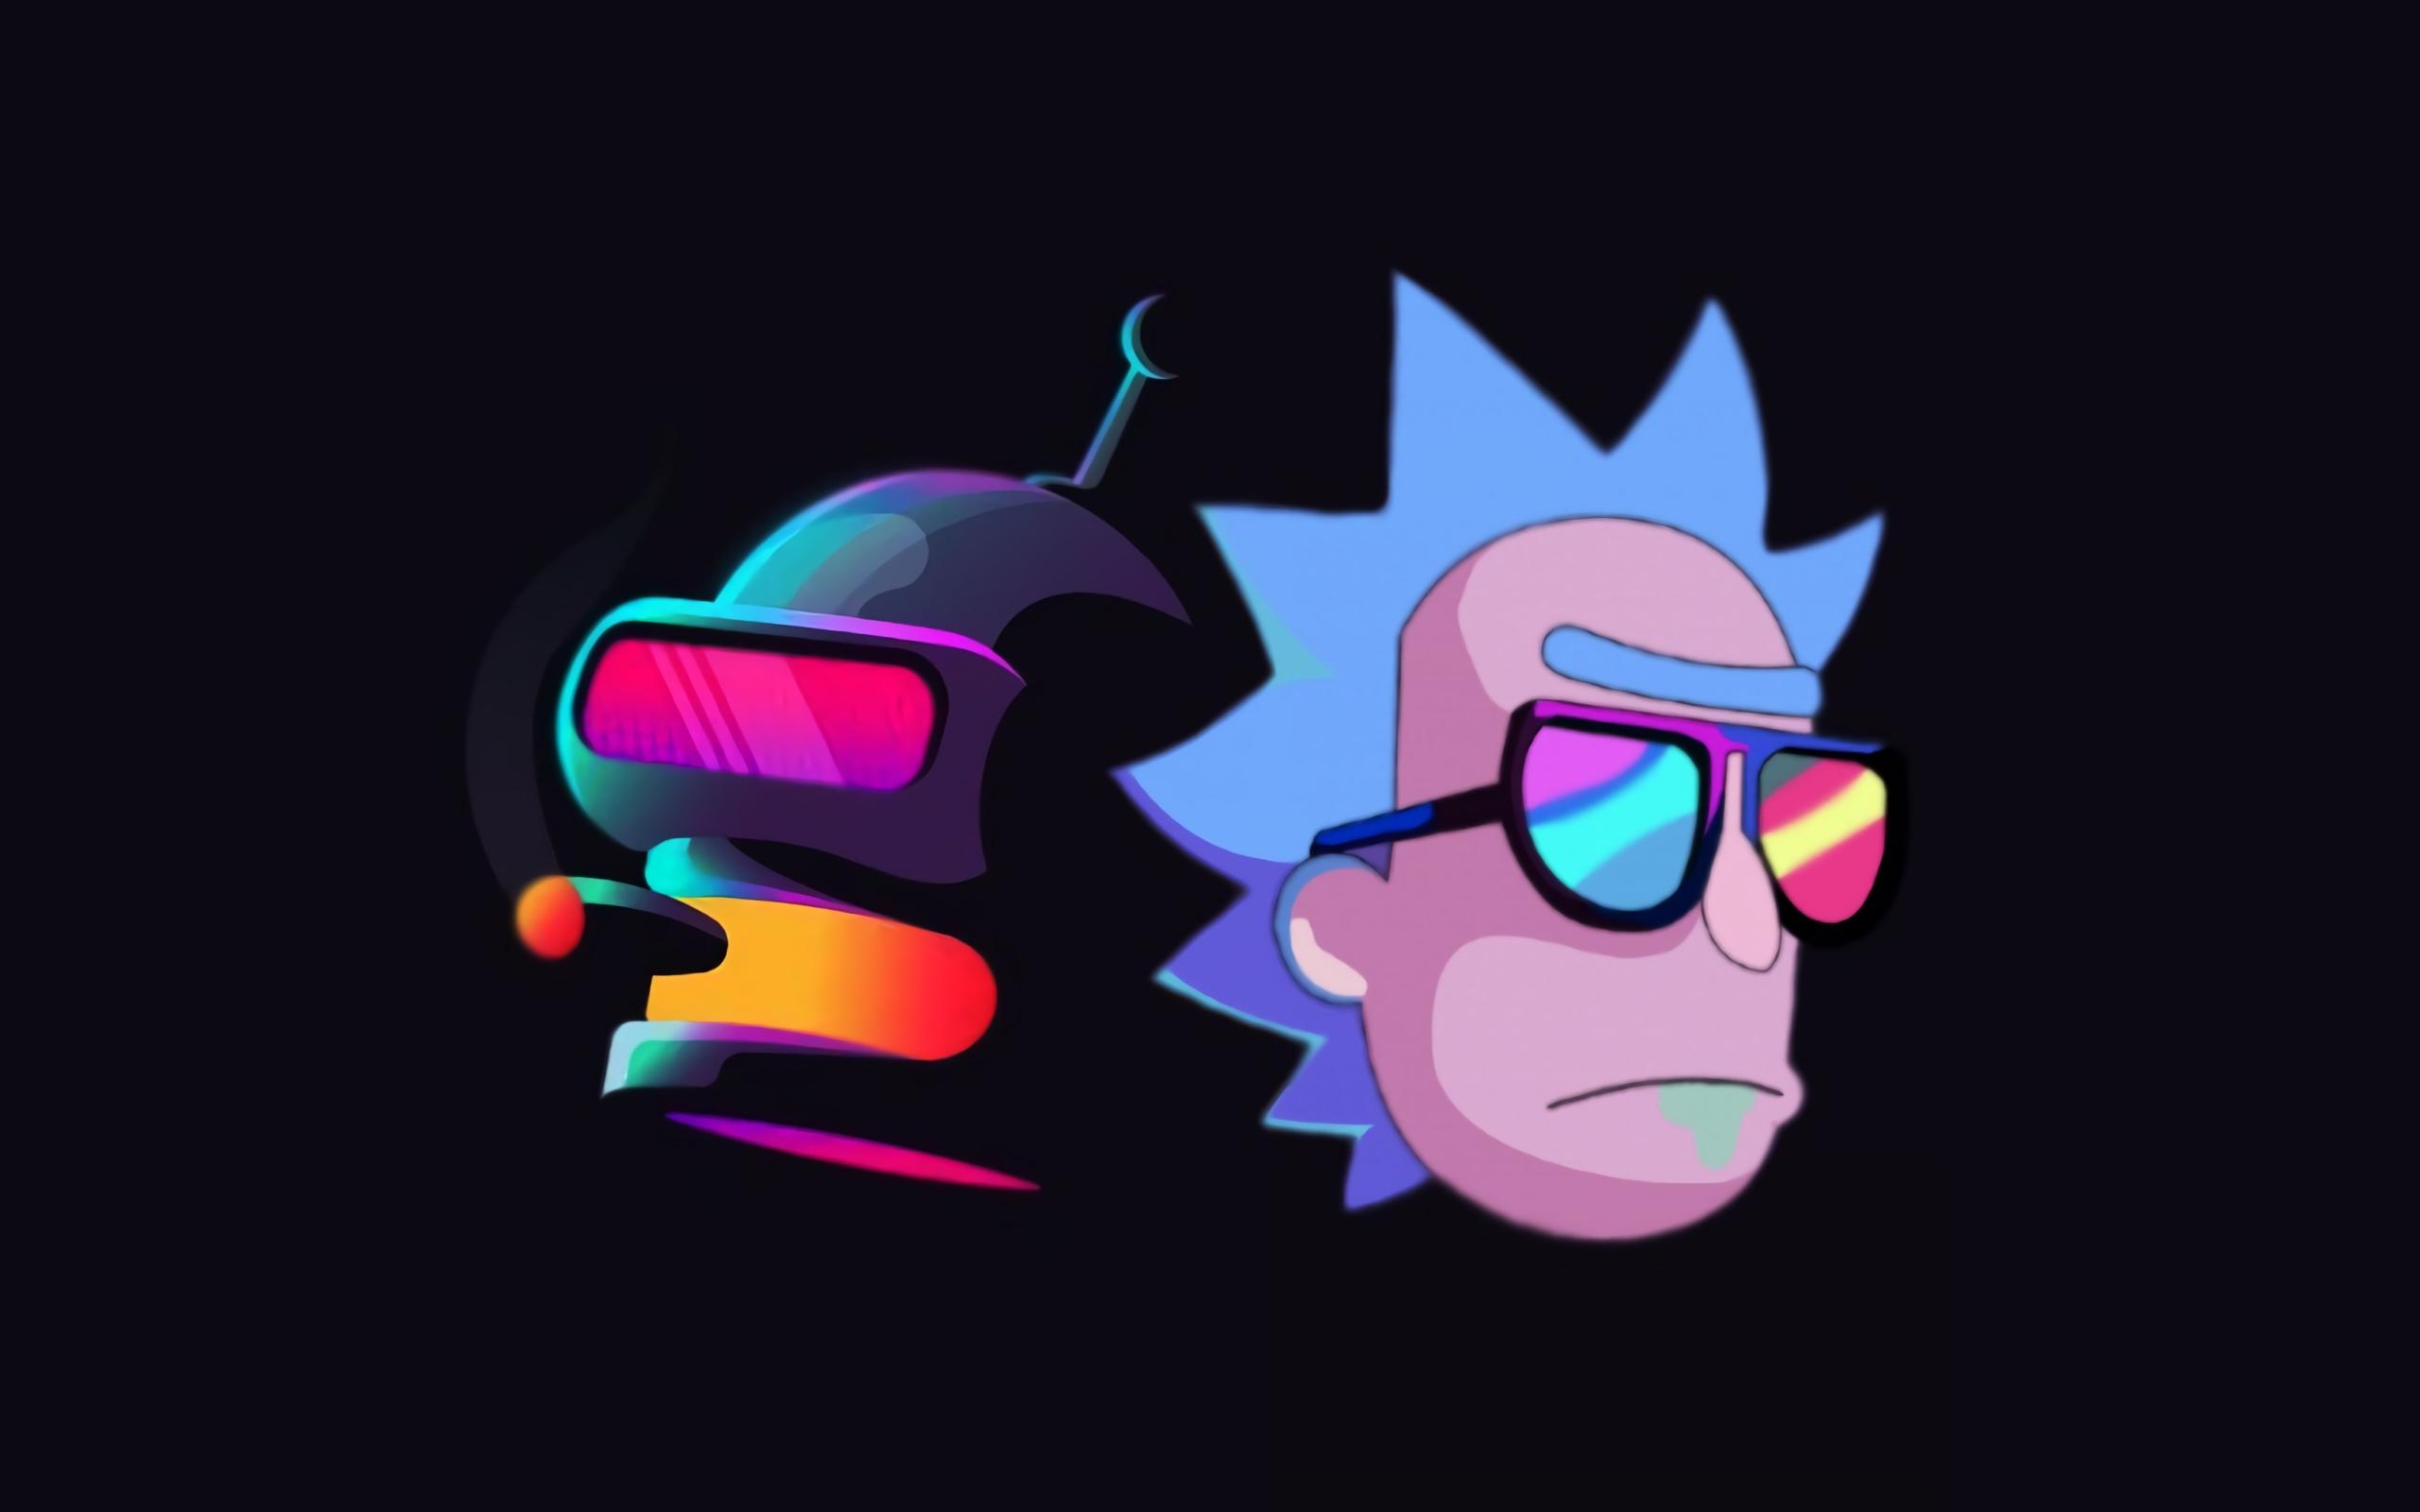 Wallpaper of Bender Futurama Rick Sanchez Rick and Morty 2560x1600